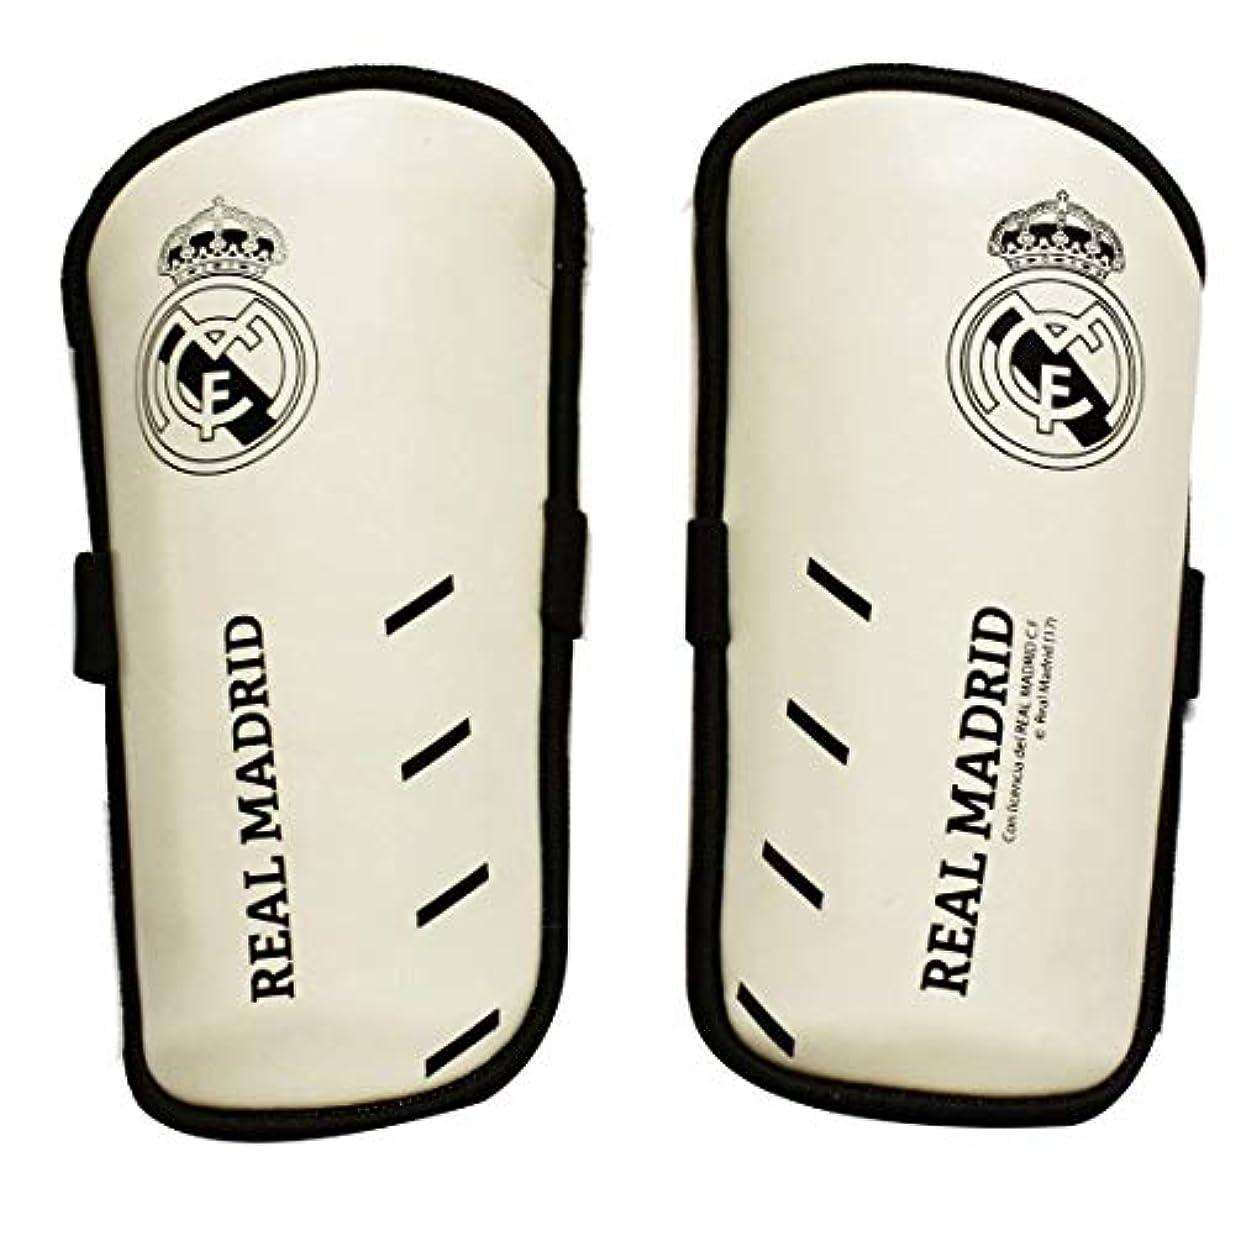 ボンド言い聞かせるビジュアルレアル?マドリード フットボールクラブ Real Madrid CF オフィシャル商品 キッズ?ジュニアサイズ サッカー パッド入り すね当て